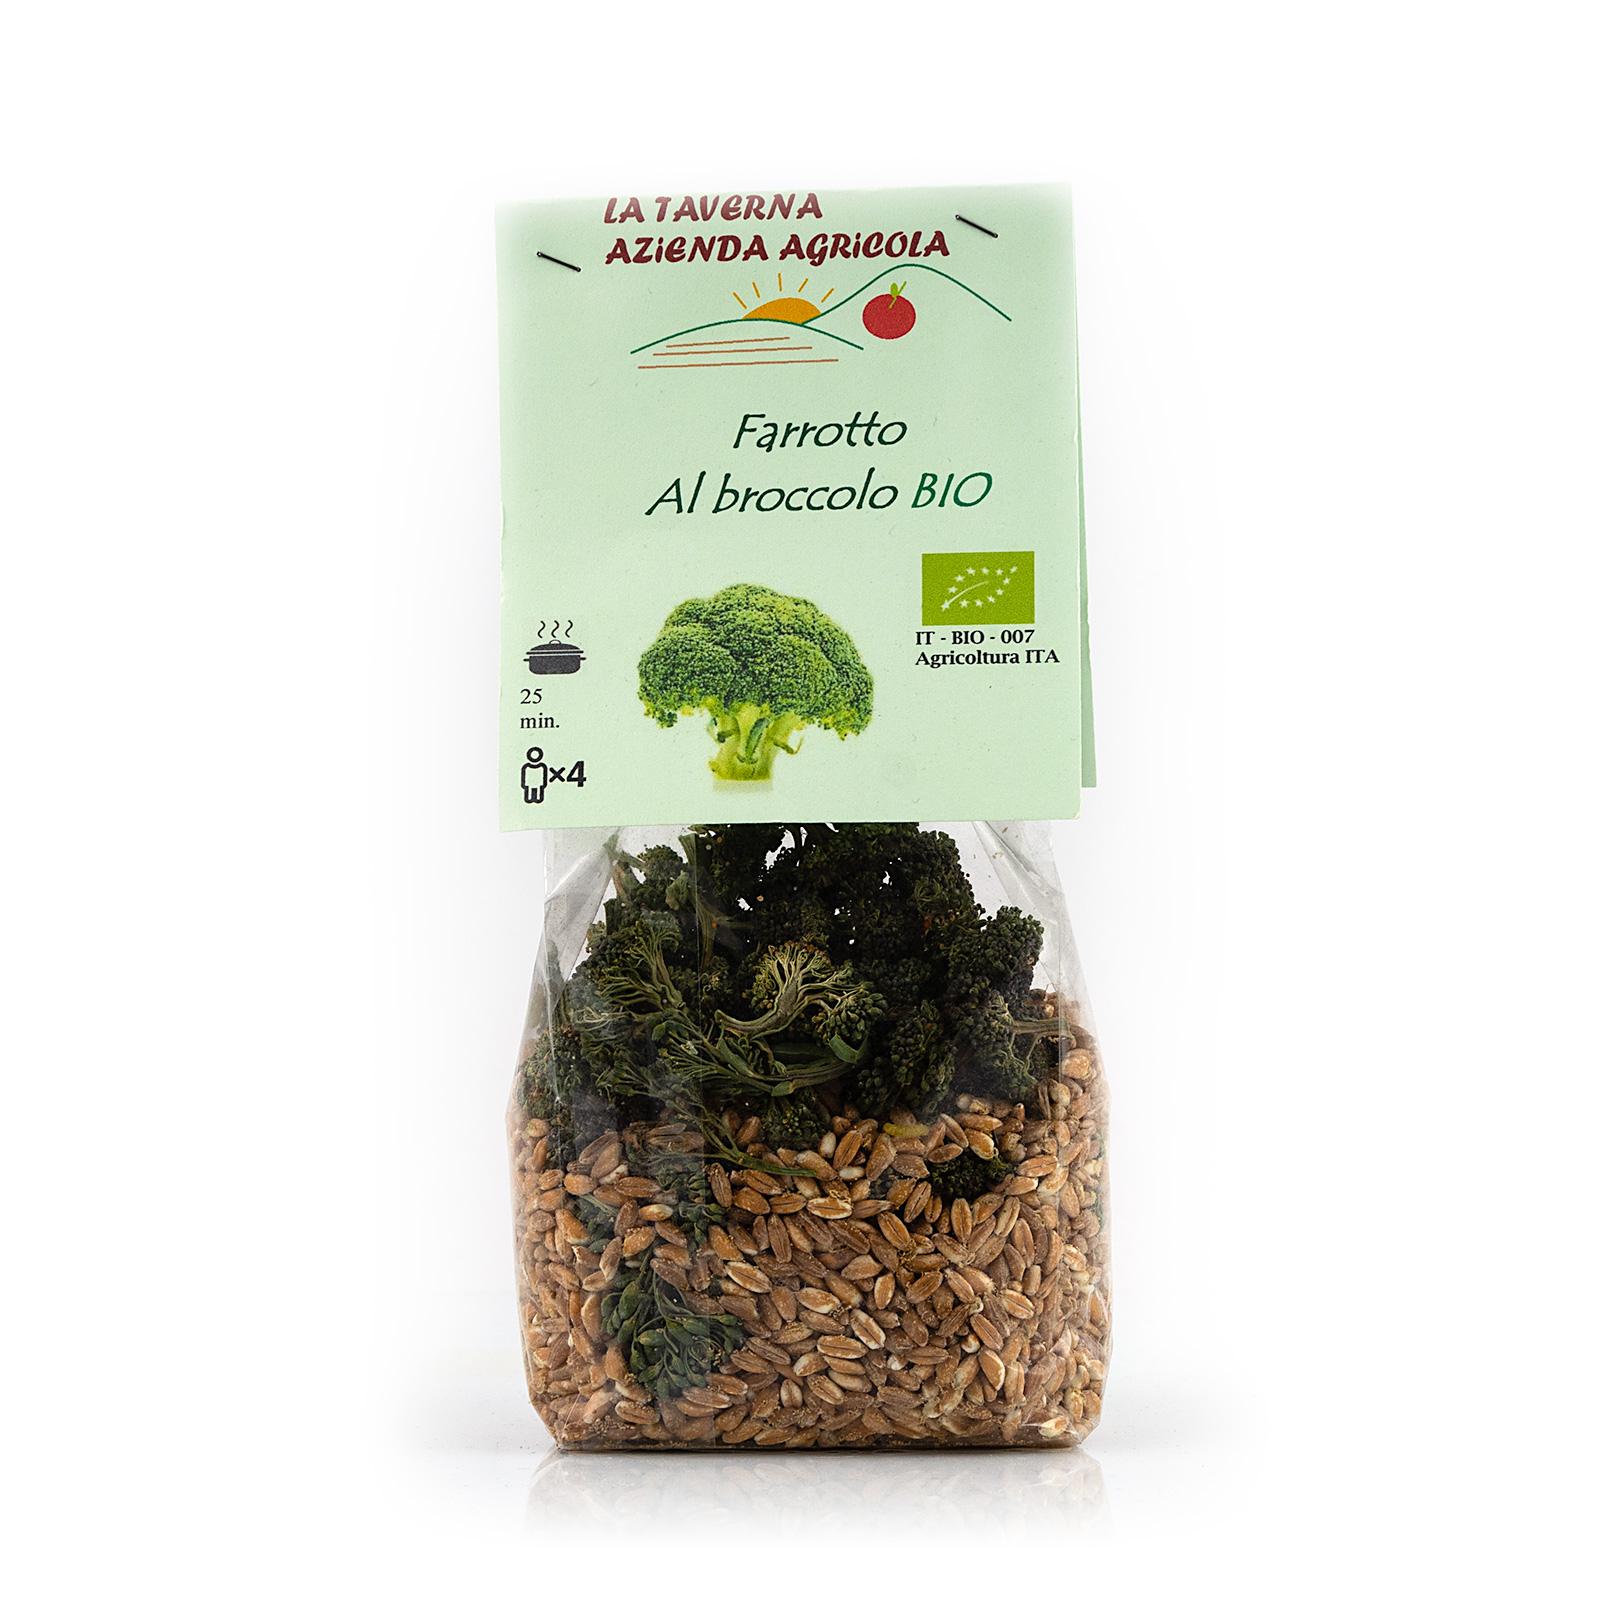 Azienda Agricola La Taverna Farrotto al broccolo BIO